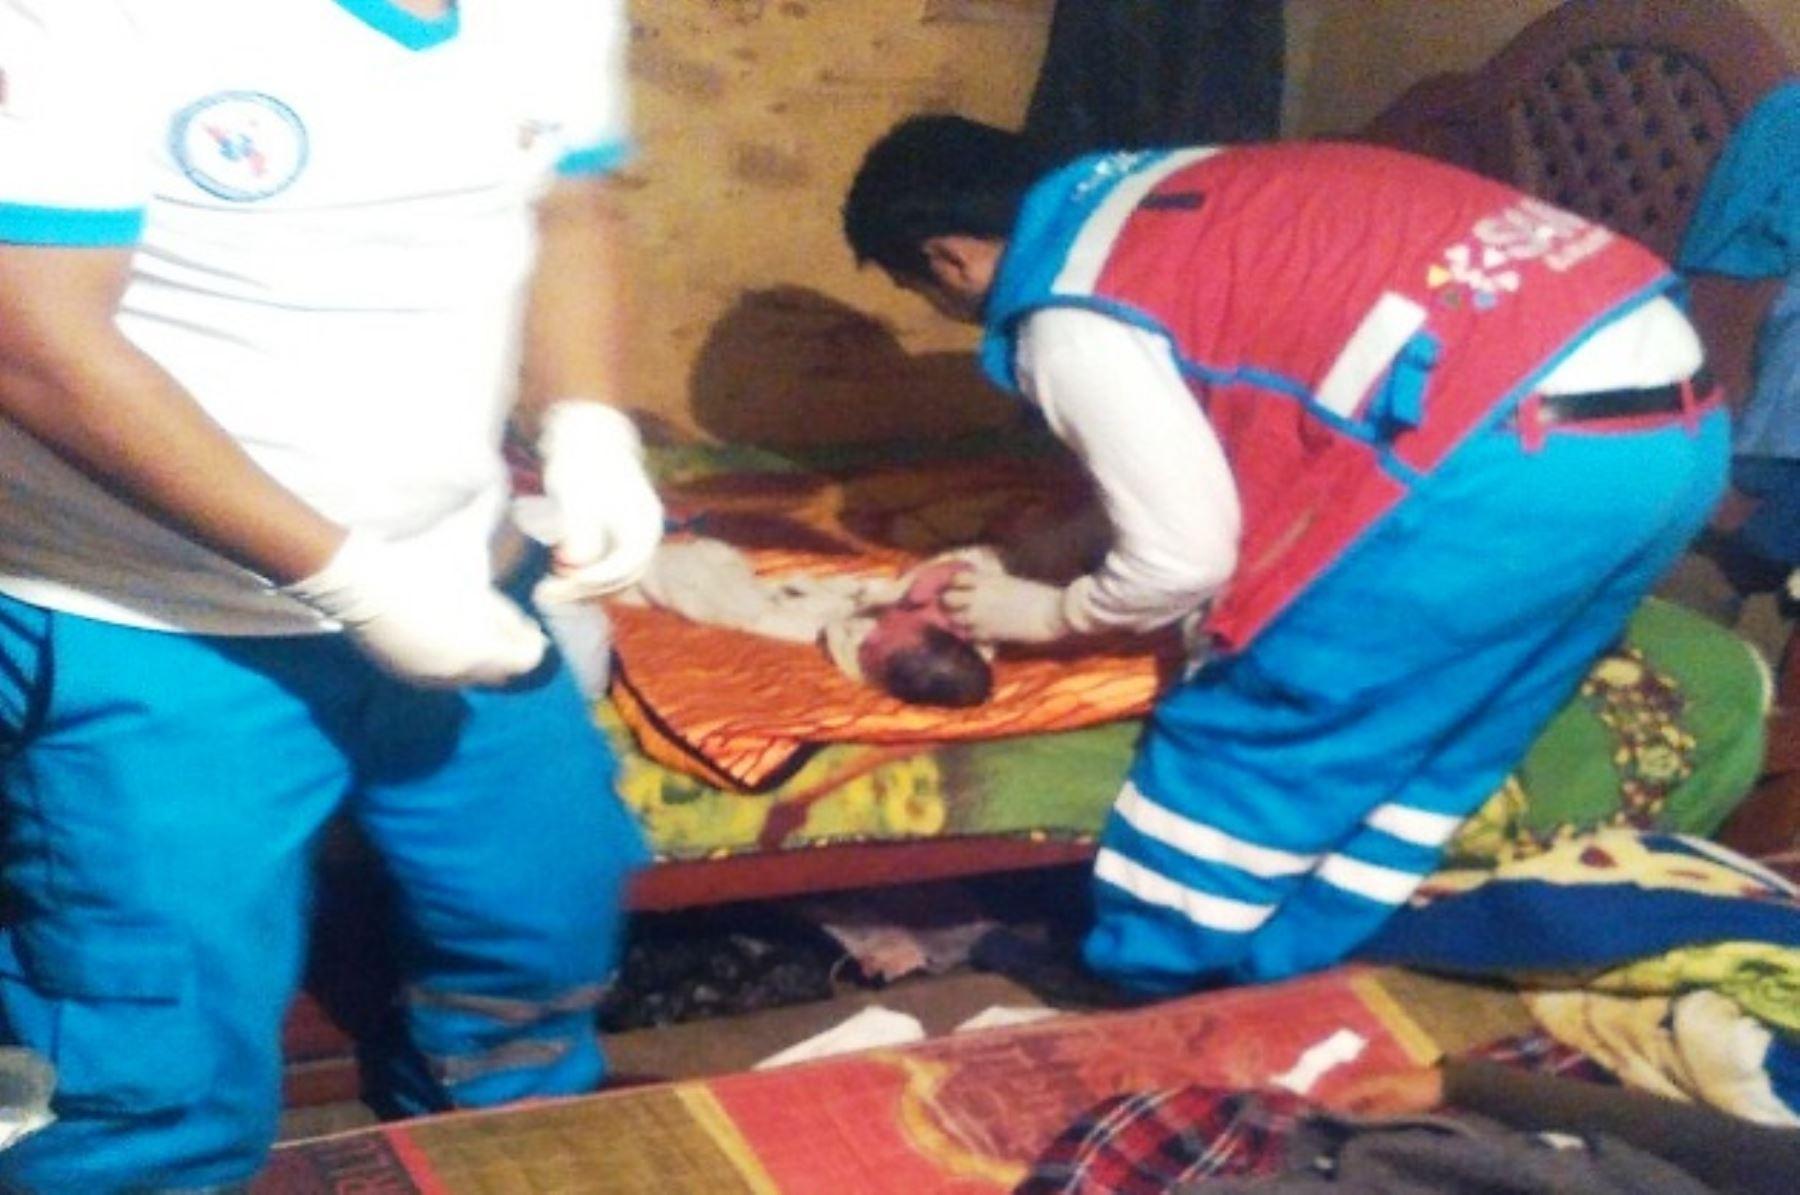 Ambulancias del SAMU atendieron cerca de 50 partos en Lima durante el 2017. Foto: ANDINA/Difusión.